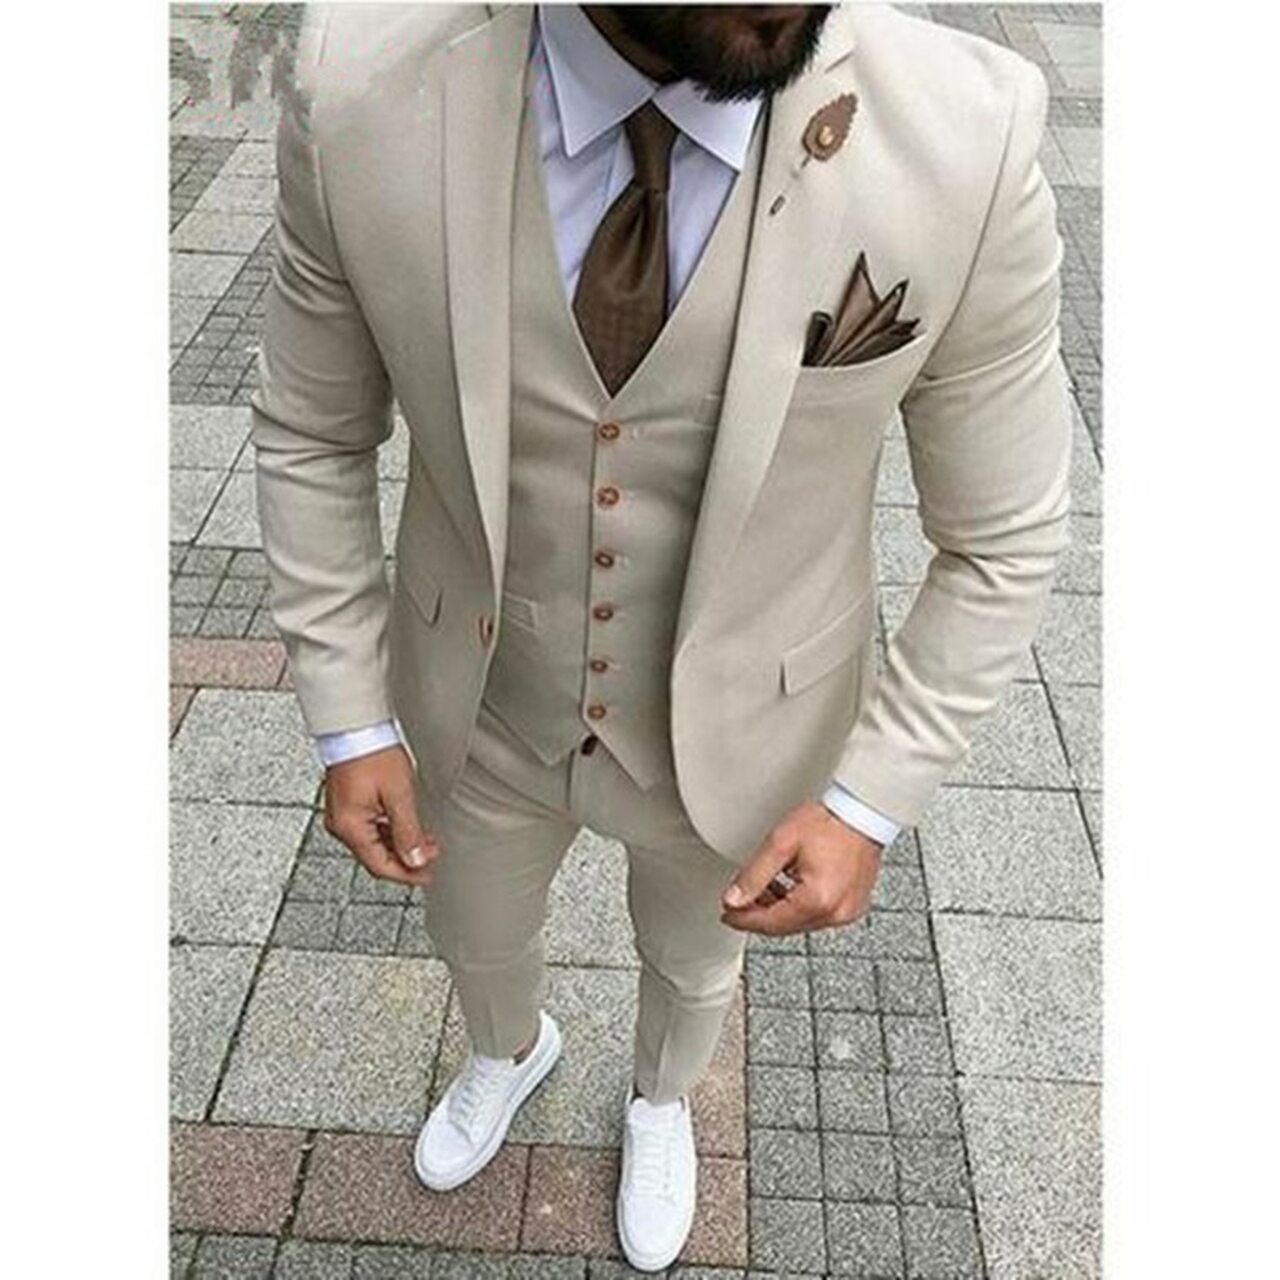 2018 Latest Designs Beige Men Wedding Suit Groomsmen Tuxedo Slim